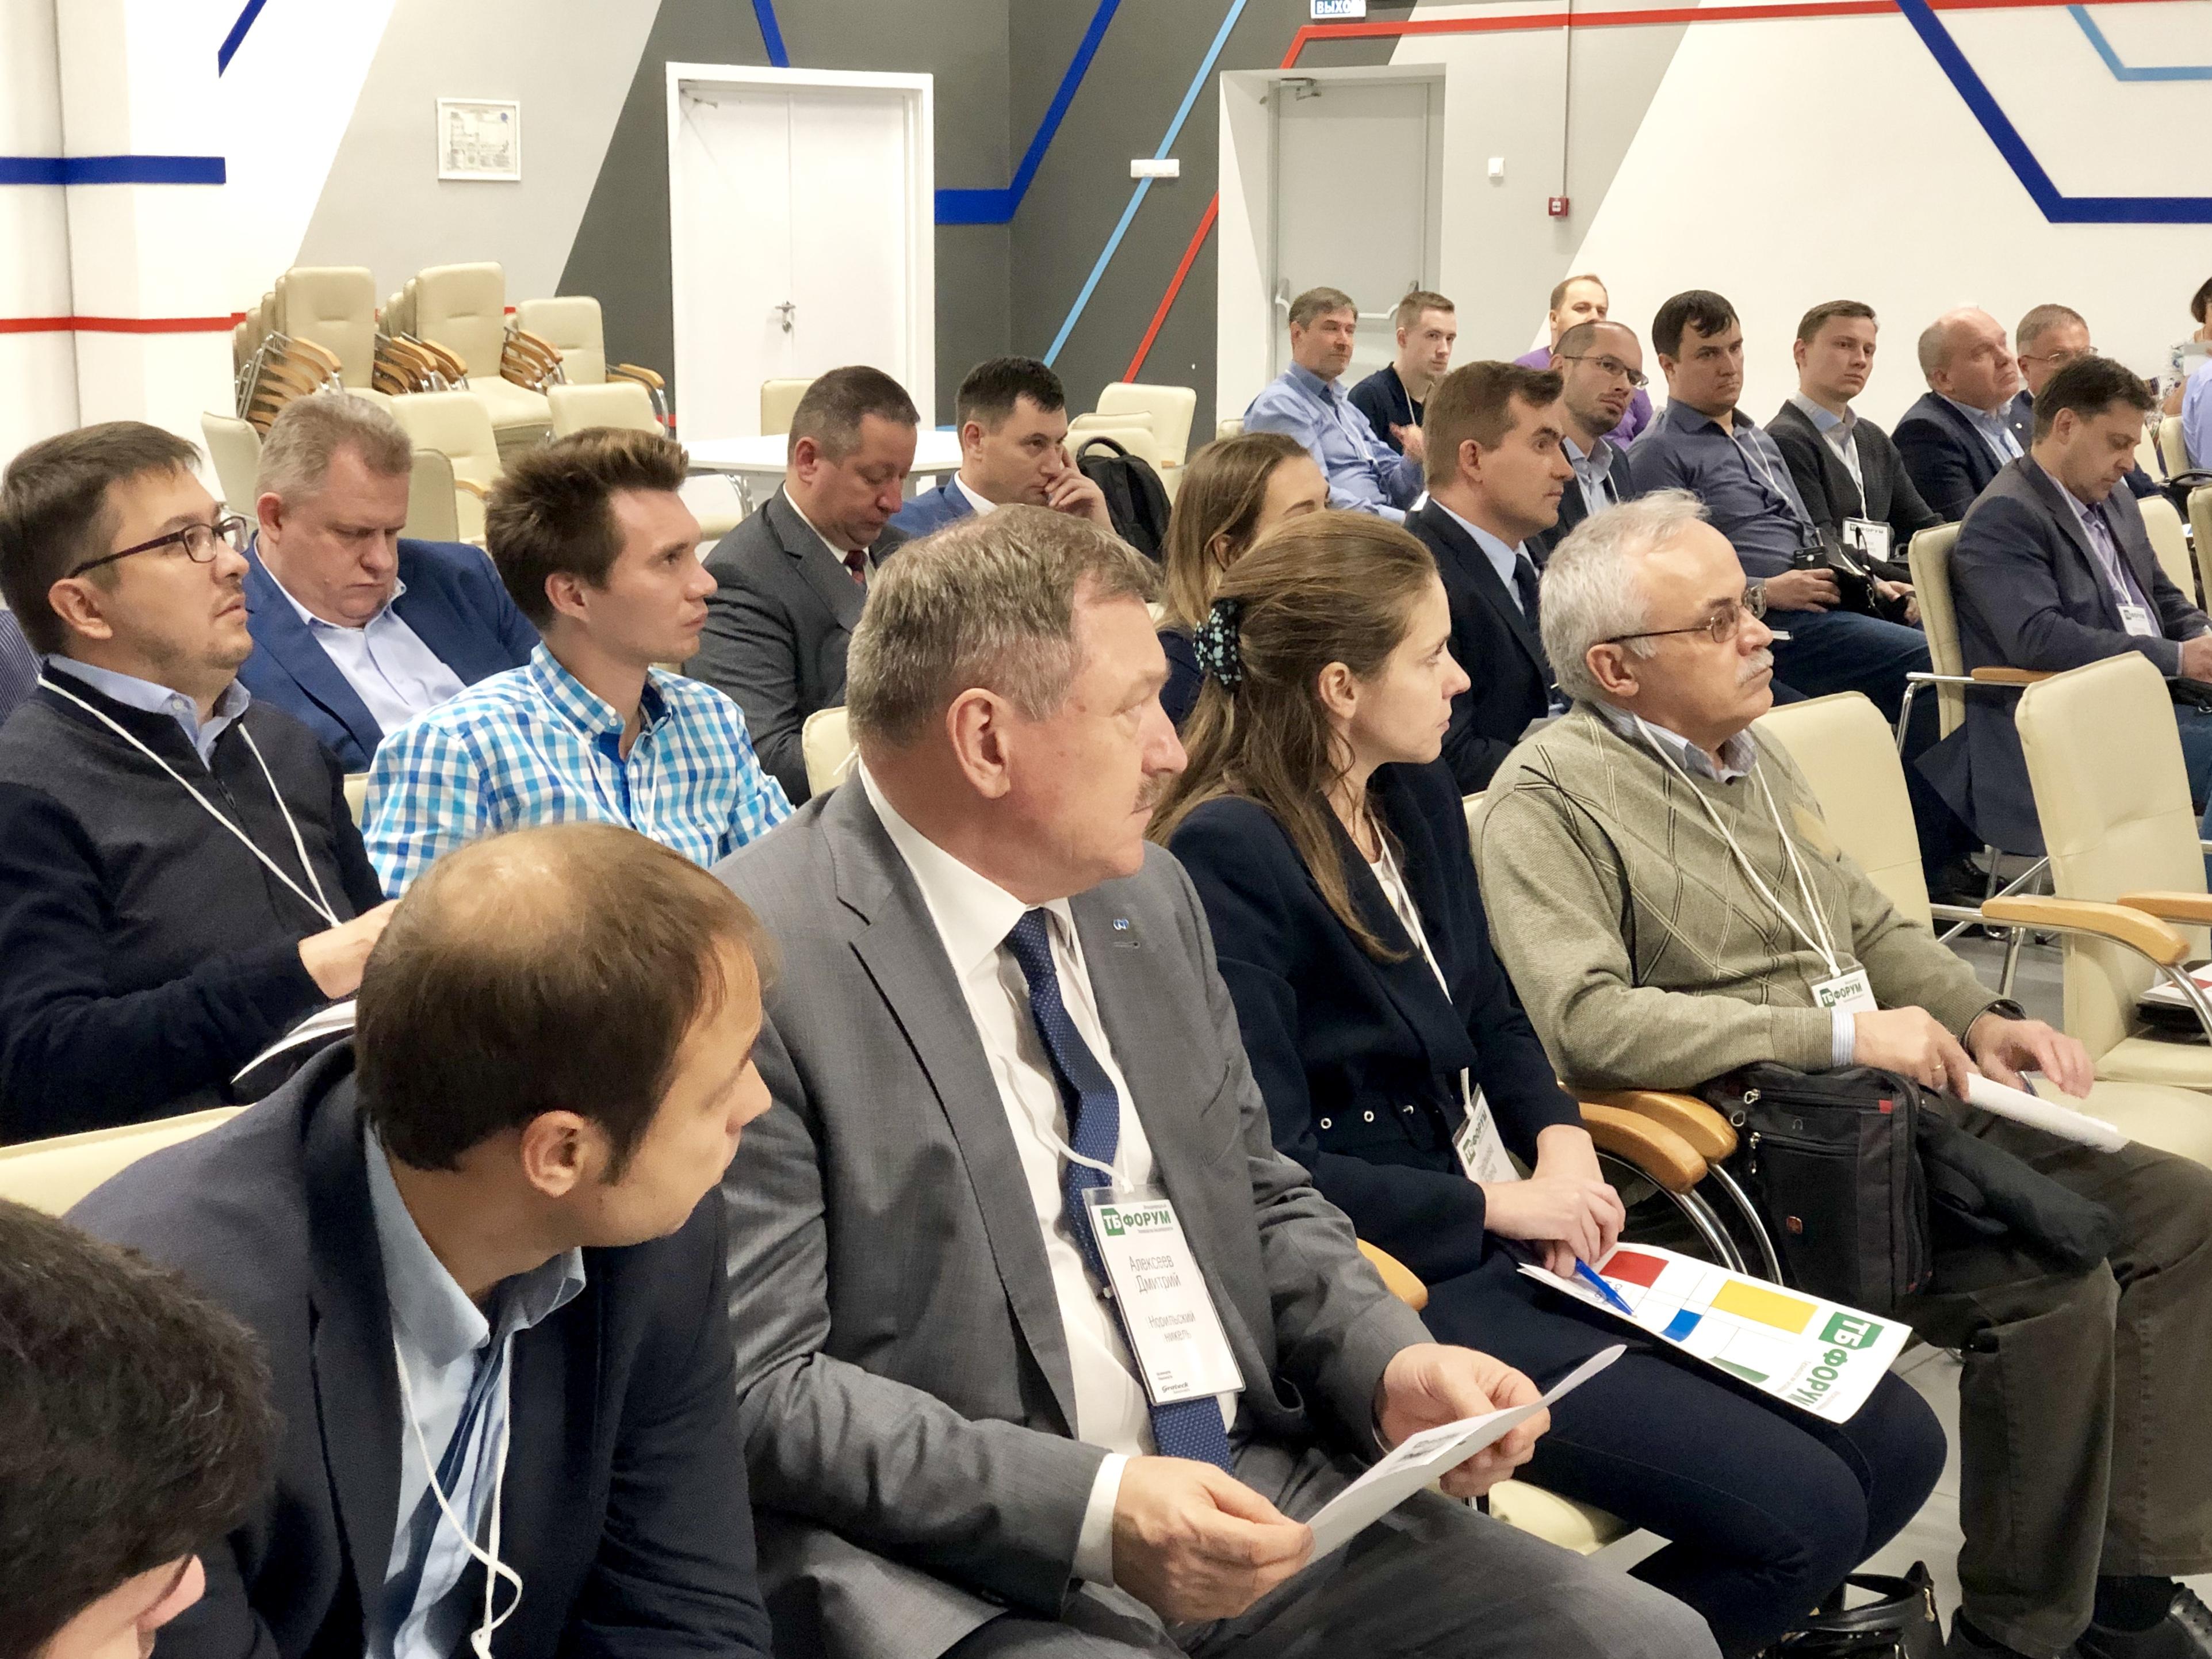 Руководители ситуационных центров РЖД, ФПК, Норникеля, ГЭХ и Росатома провели стратсессию с поставщиками в рамках подготовки к ТБ Форуму 2020